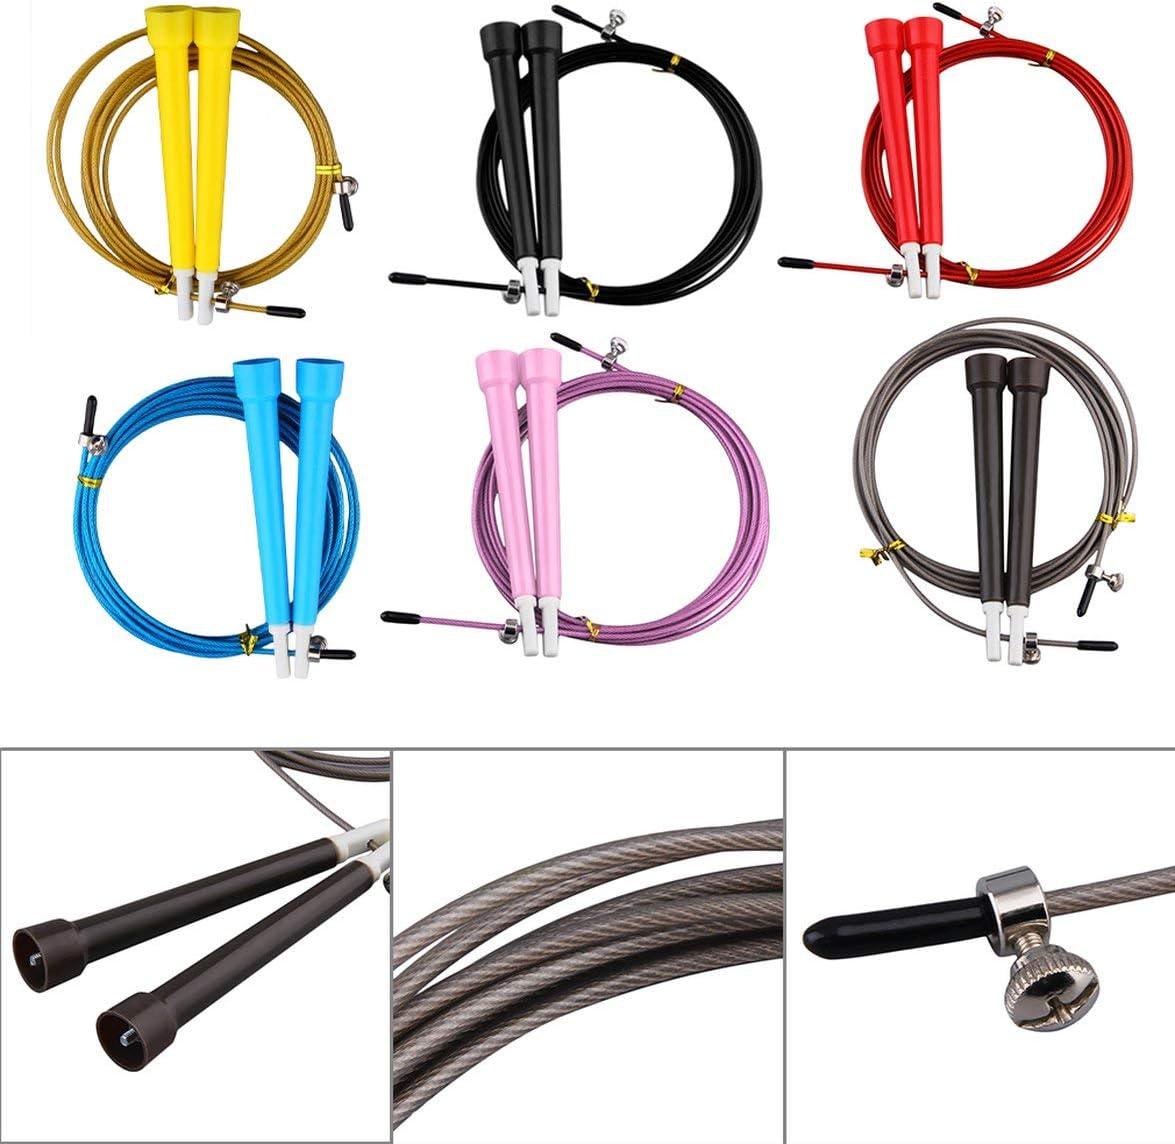 Amarillo Saltar Cuerdas para Saltar Cable de Acero Cable Ajustable de Alta Velocidad Manija de ABS Cuerdas para Saltar Flexibles Entrenamiento de Crossfit Ejercitador Deportivo